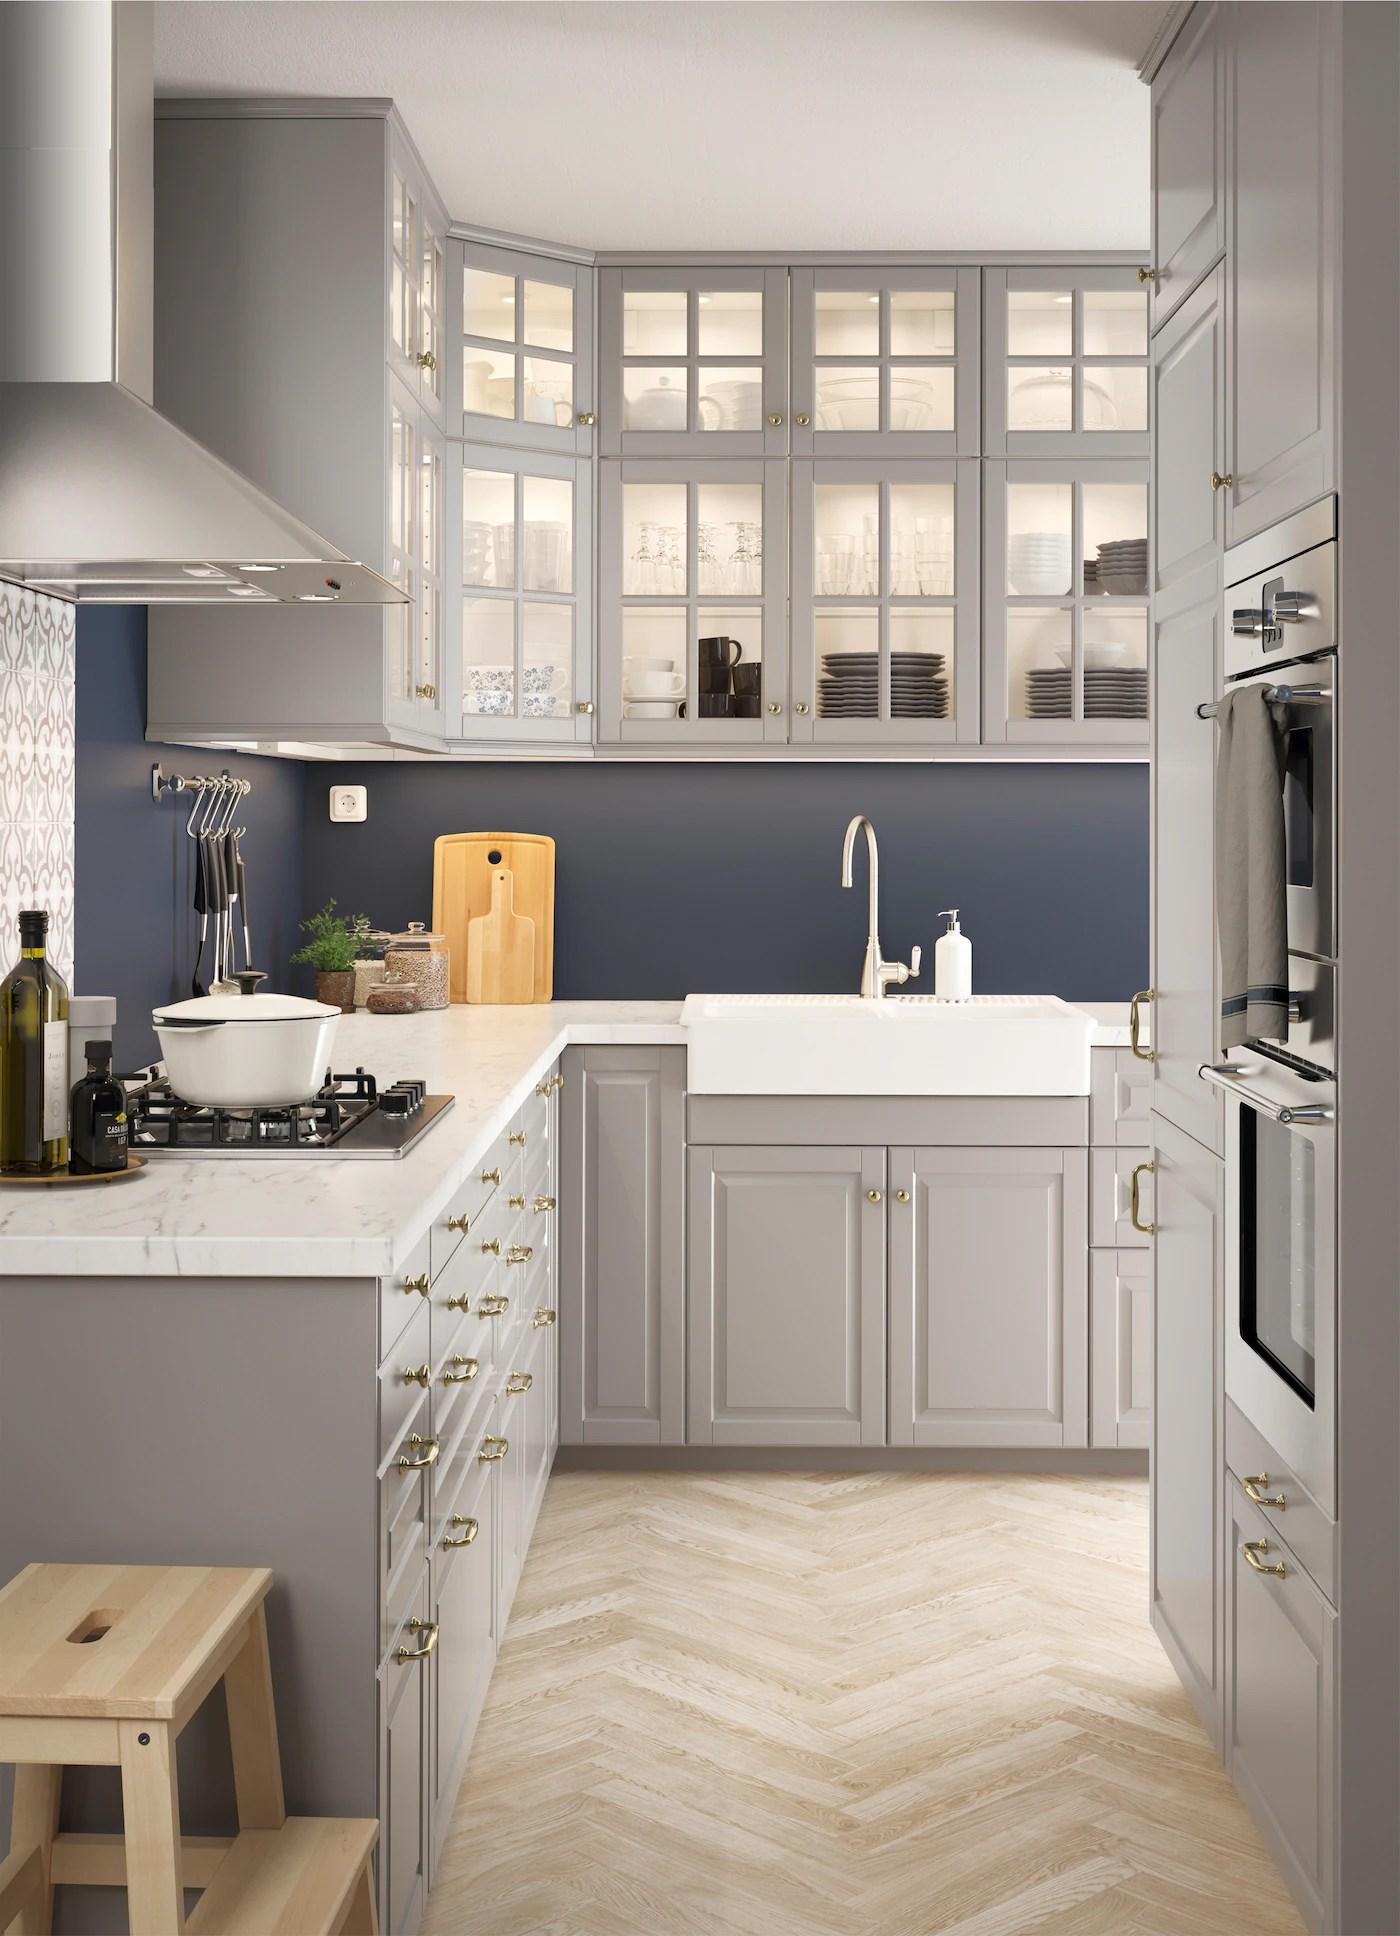 Cucina A L In Stile Tradizionale Idee Cucina Ikea